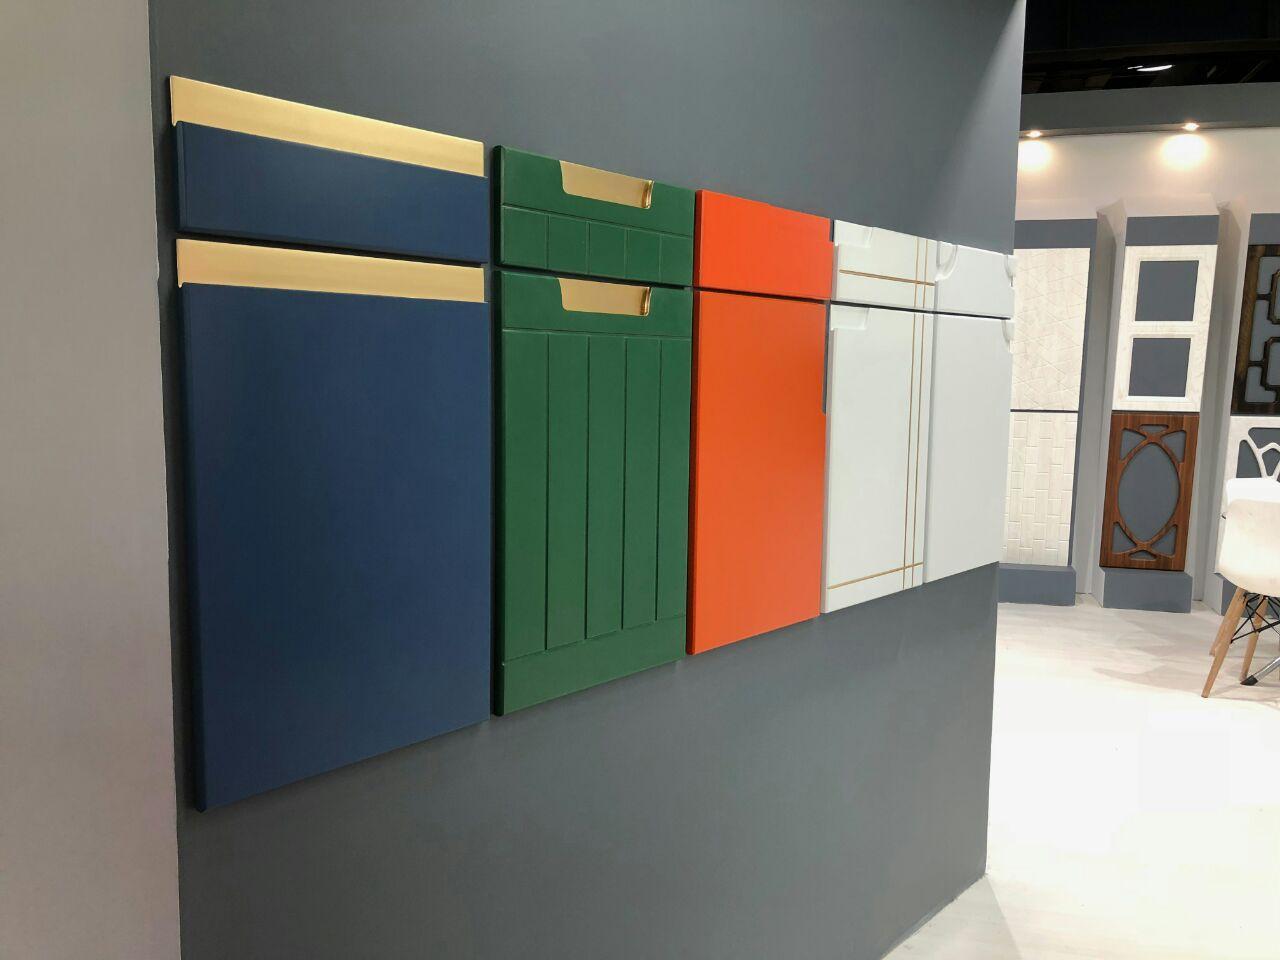 نمایشگاه گالری چوب هنرمند